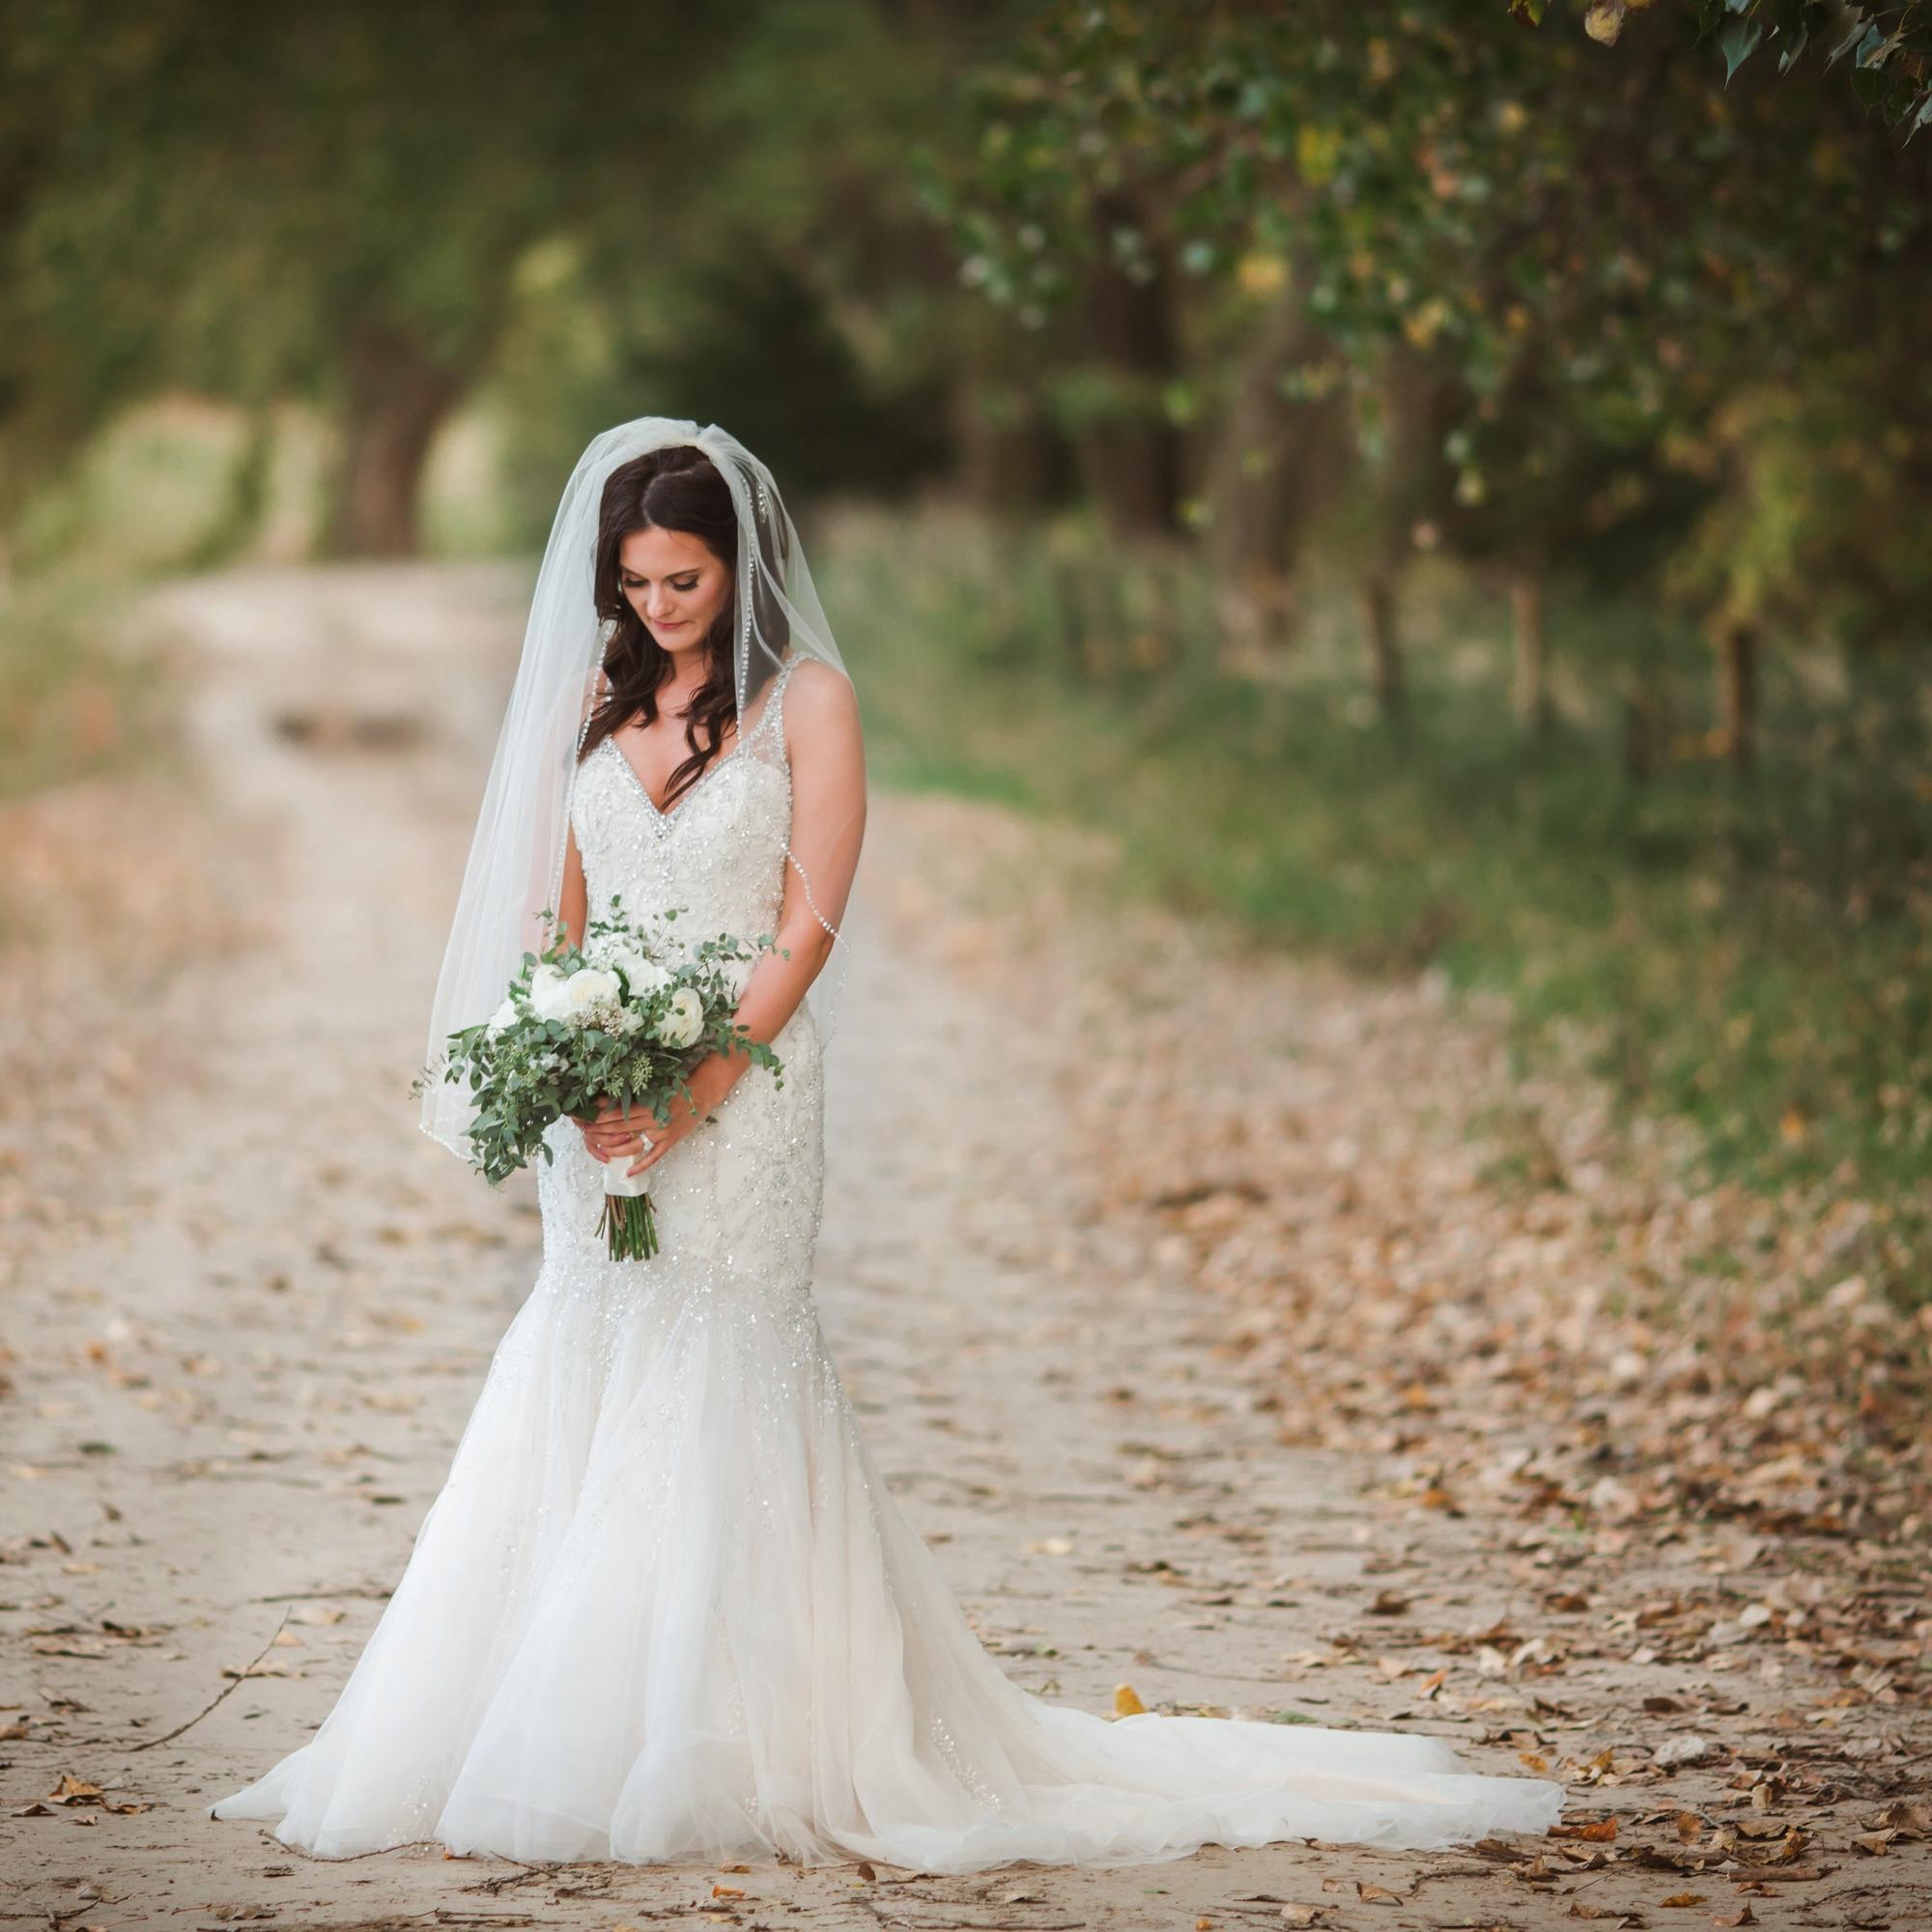 Kristen Laing Photography - Grand Island / Hastings / Kearney     Kristen Laing